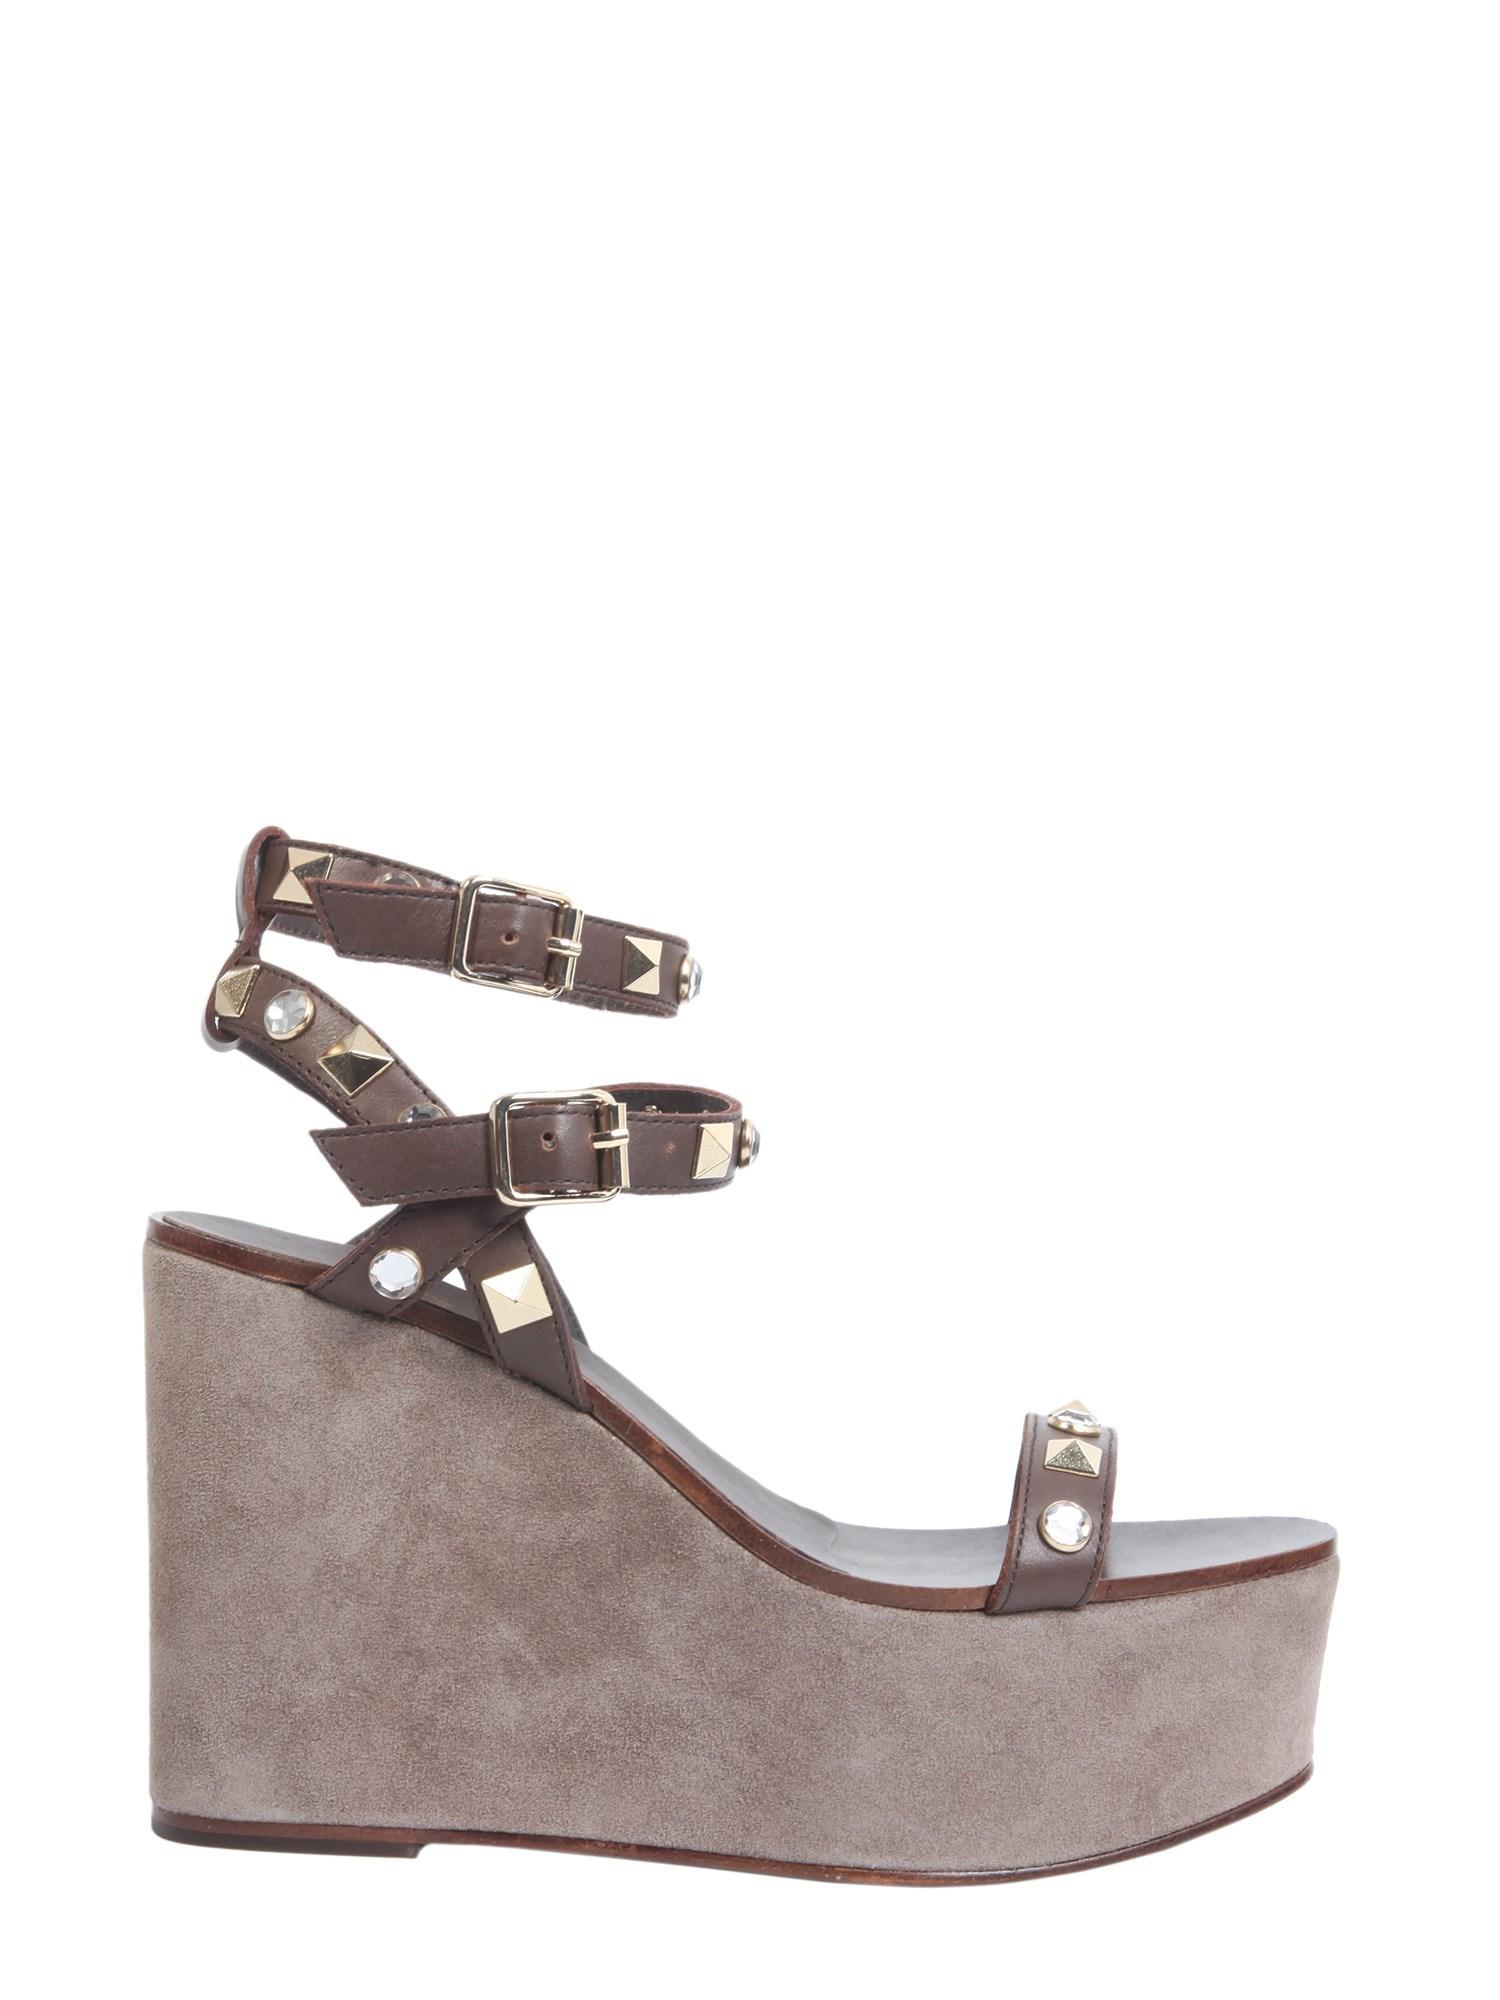 Ash touch wedge sandals - ash - Modalova